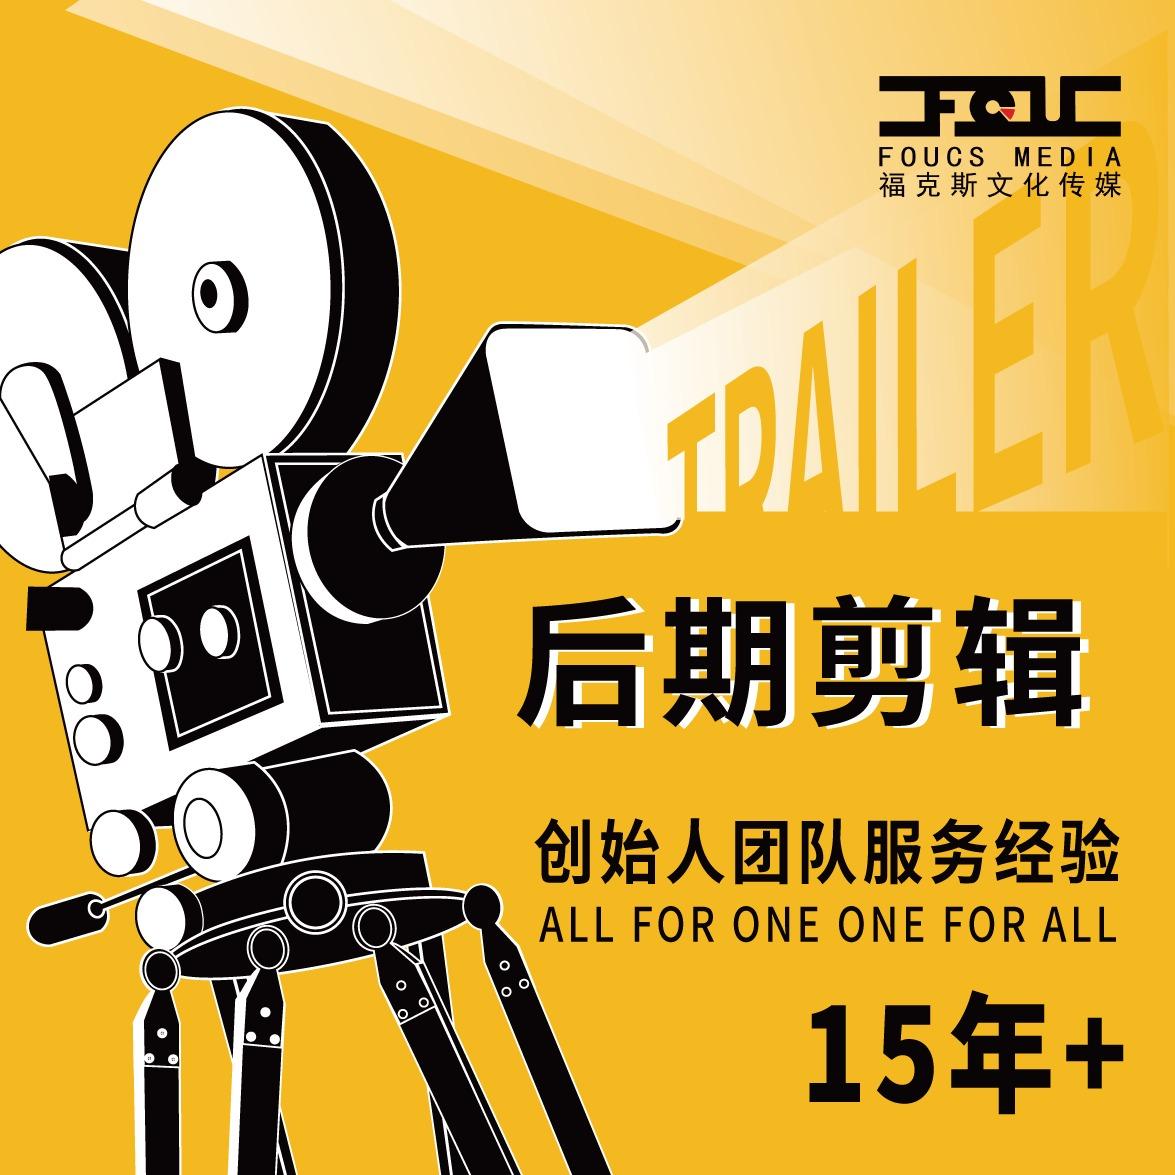 广告宣传片产品企业主图短视频微电影制作后期剪辑拍摄配音